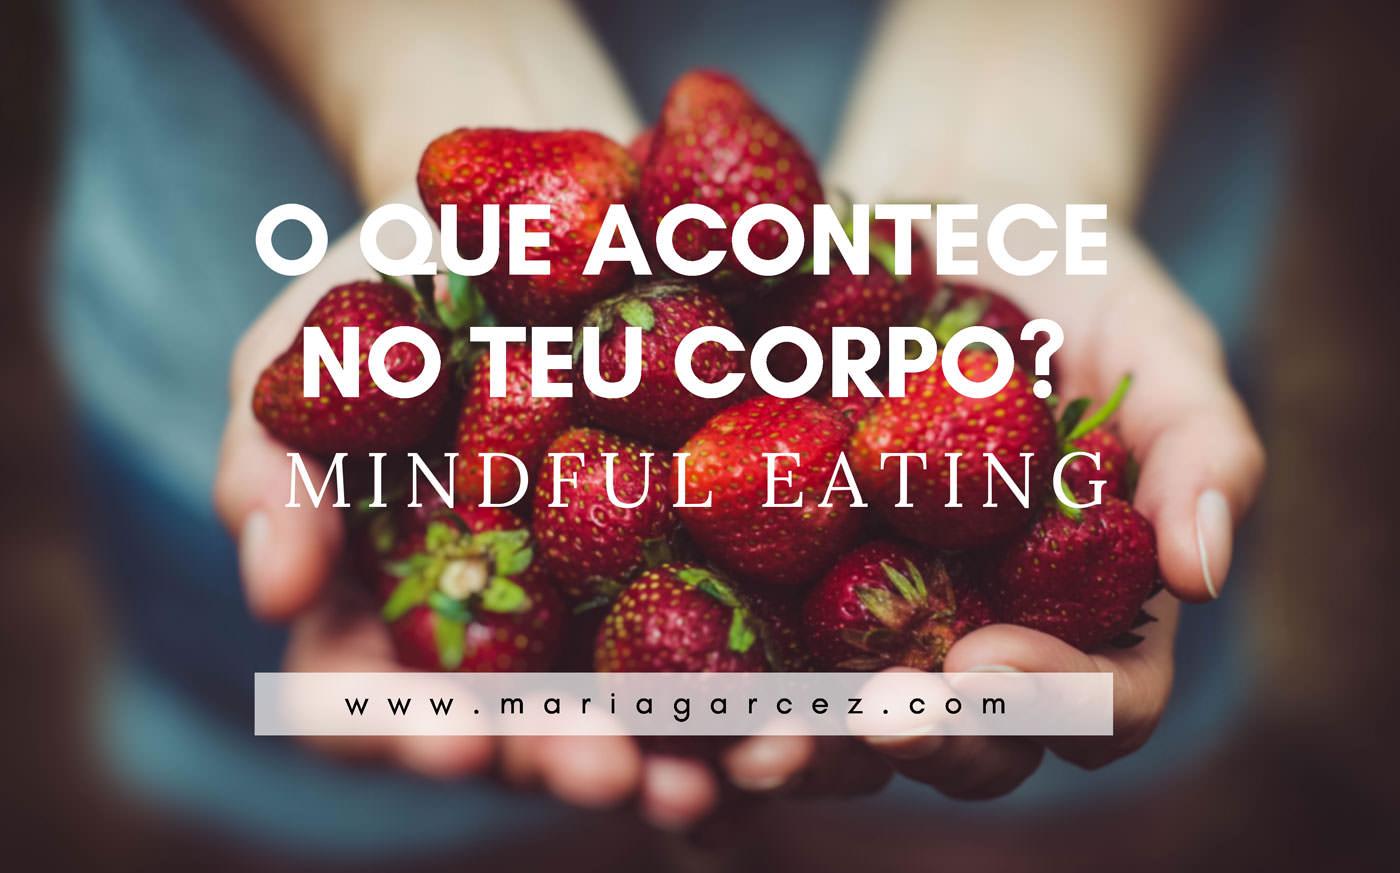 O Que Acontece no Teu Corpo? Mindful Eating